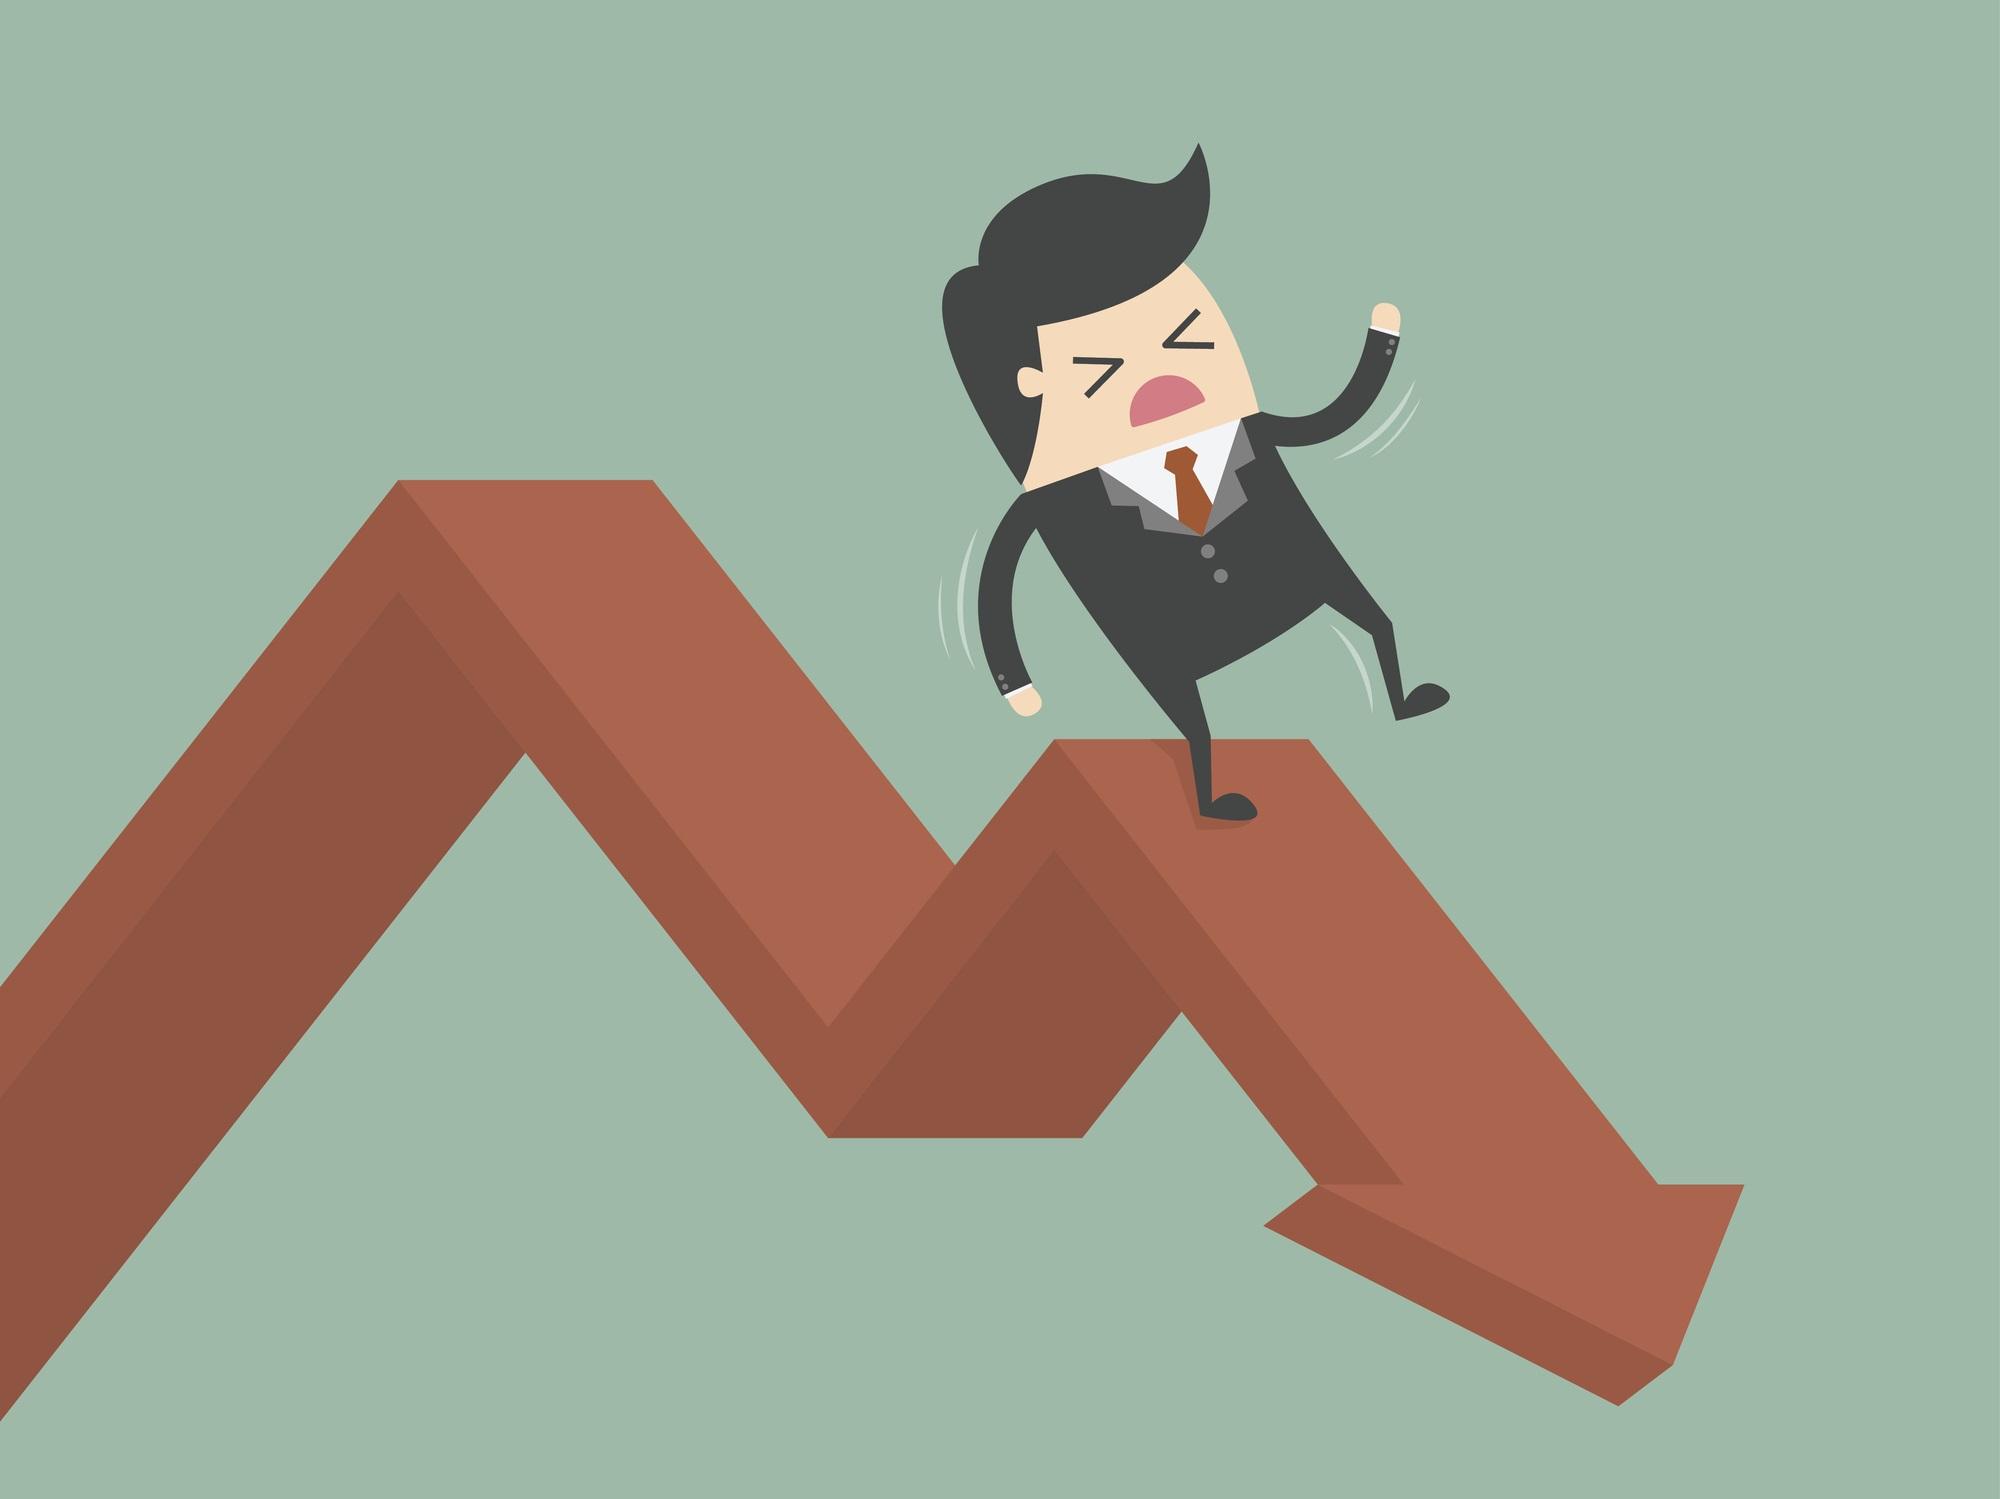 risques-liés-au-trading-en-ligne